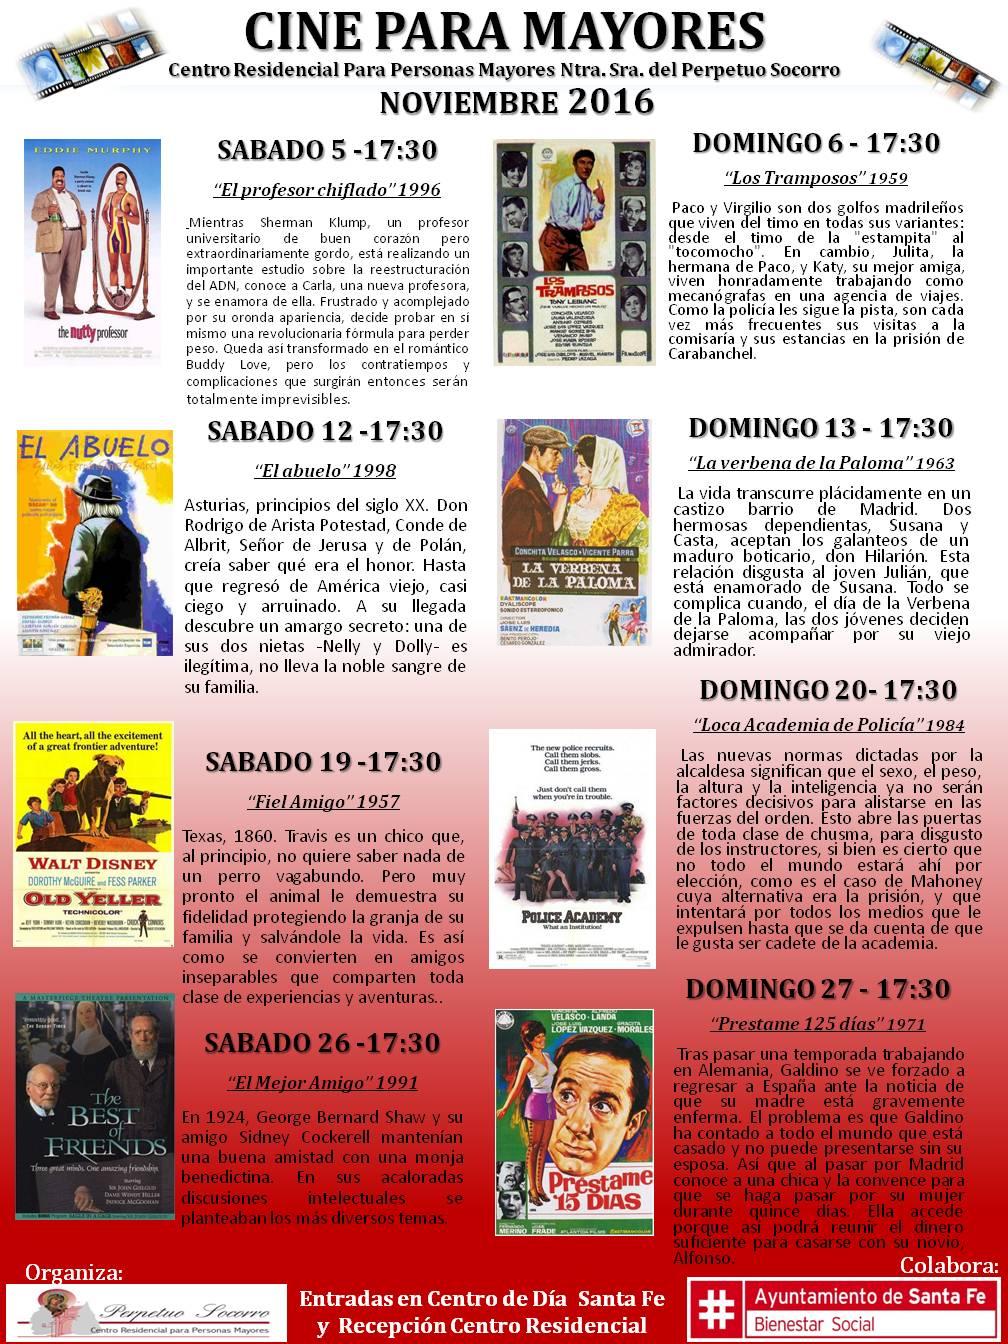 2 cine mayores noviembre